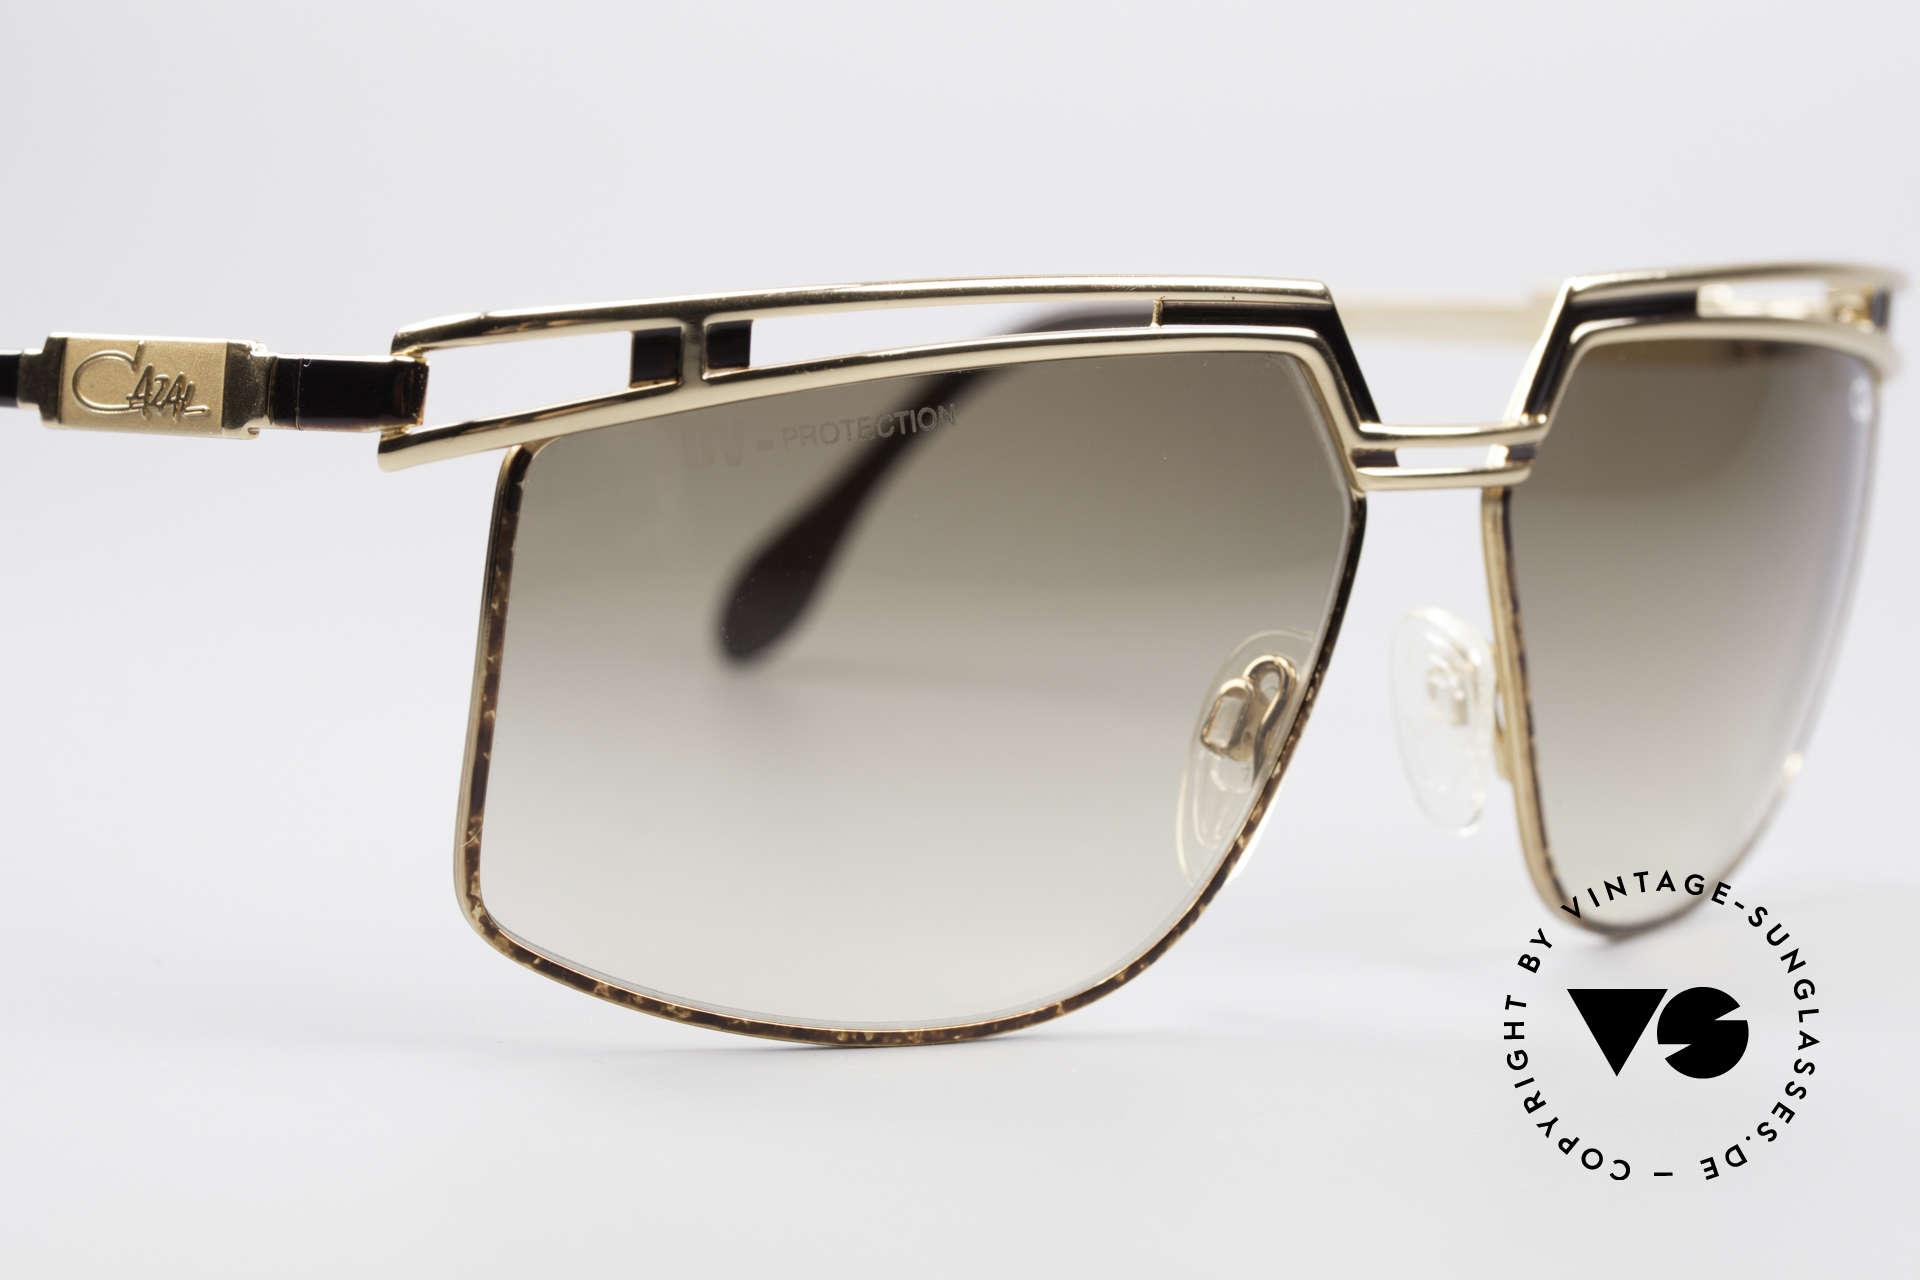 Cazal 957 80er West Germany Brille, ein altes Original (W.Germany) mit orig. Verpackung, Passend für Herren und Damen